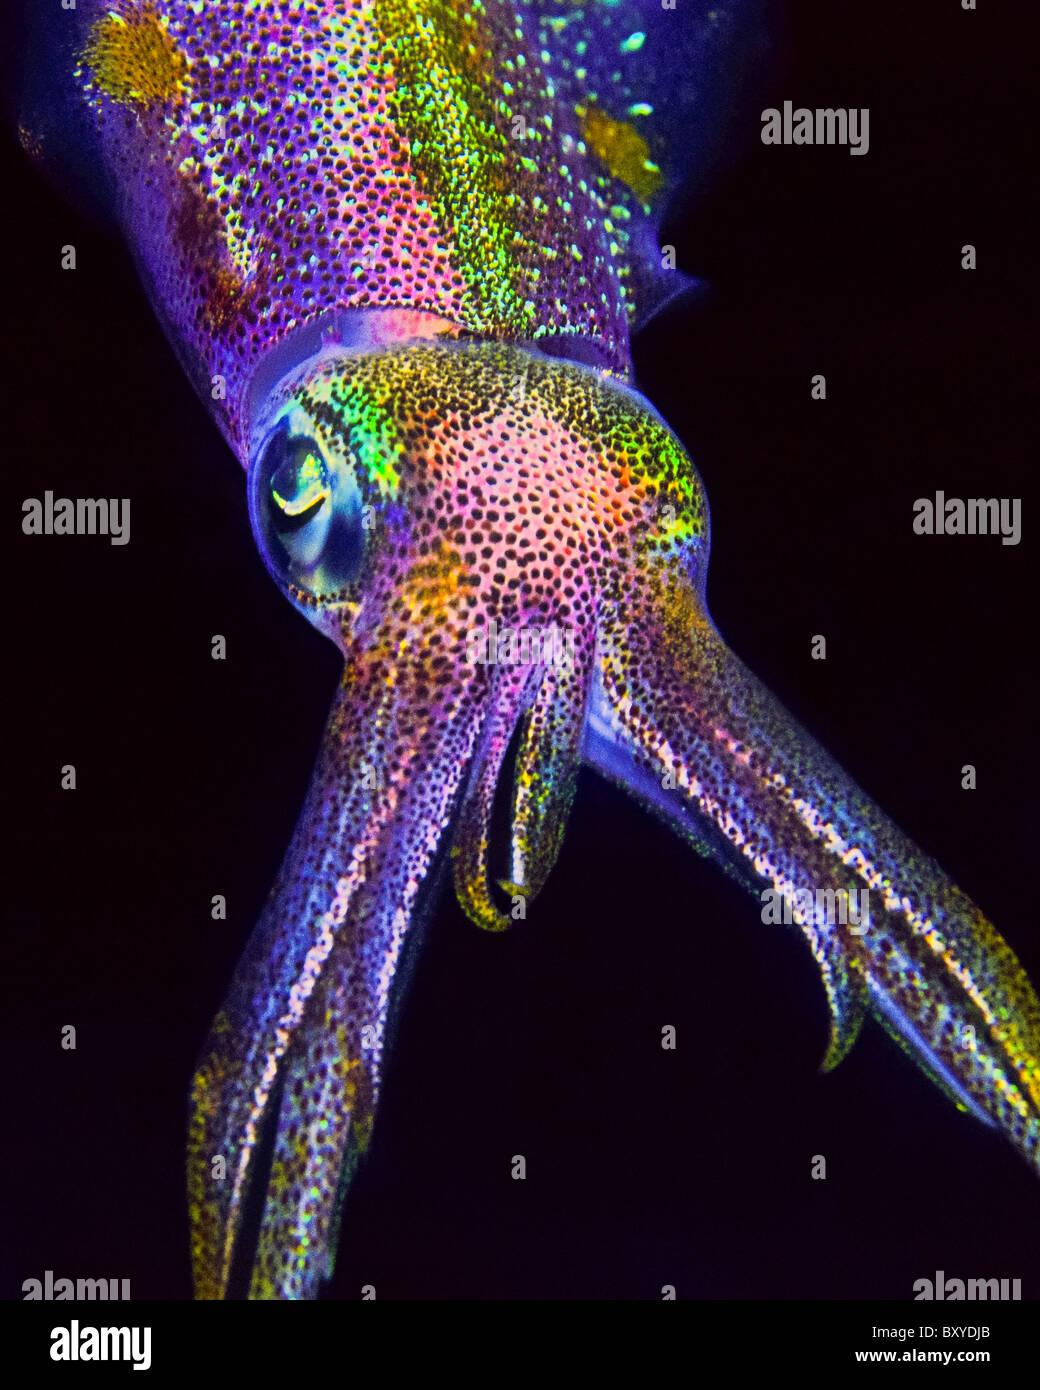 Le calmar de récif des Caraïbes, Sepioteuthis sepioidea, Key Largo, Florida, USA Photo Stock